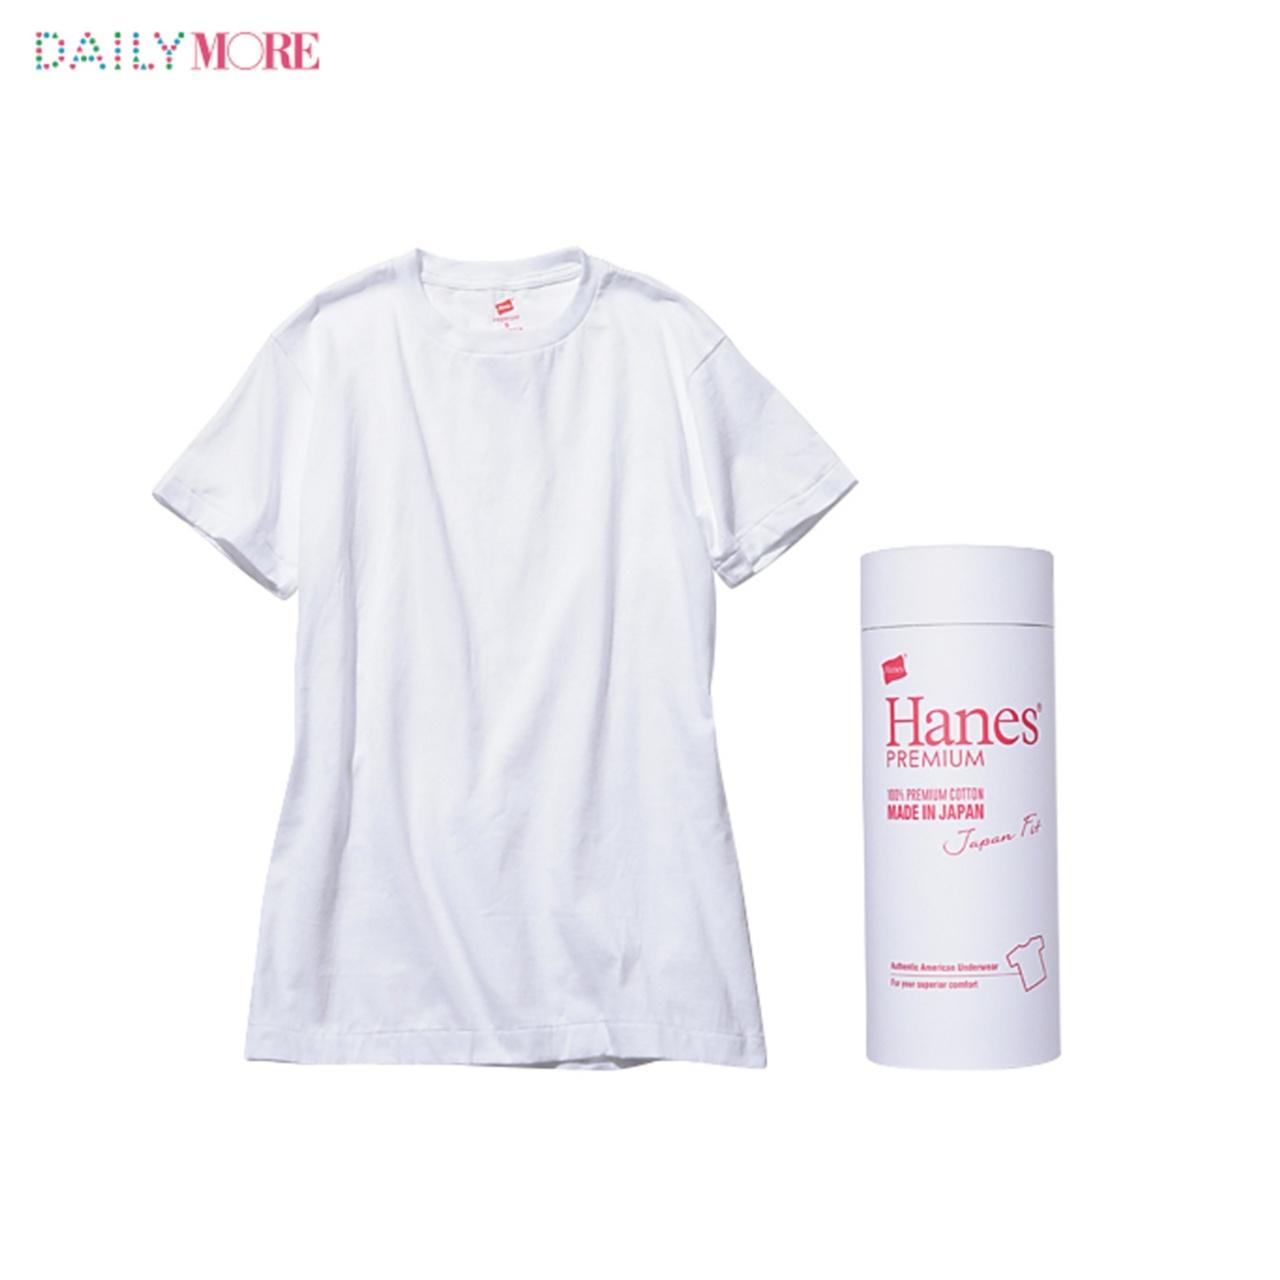 【4つのパックTを、ちくちく比べてみた!】おしゃれな人の溺愛白Tシャツ「ヘインズ」大解剖!_2_3